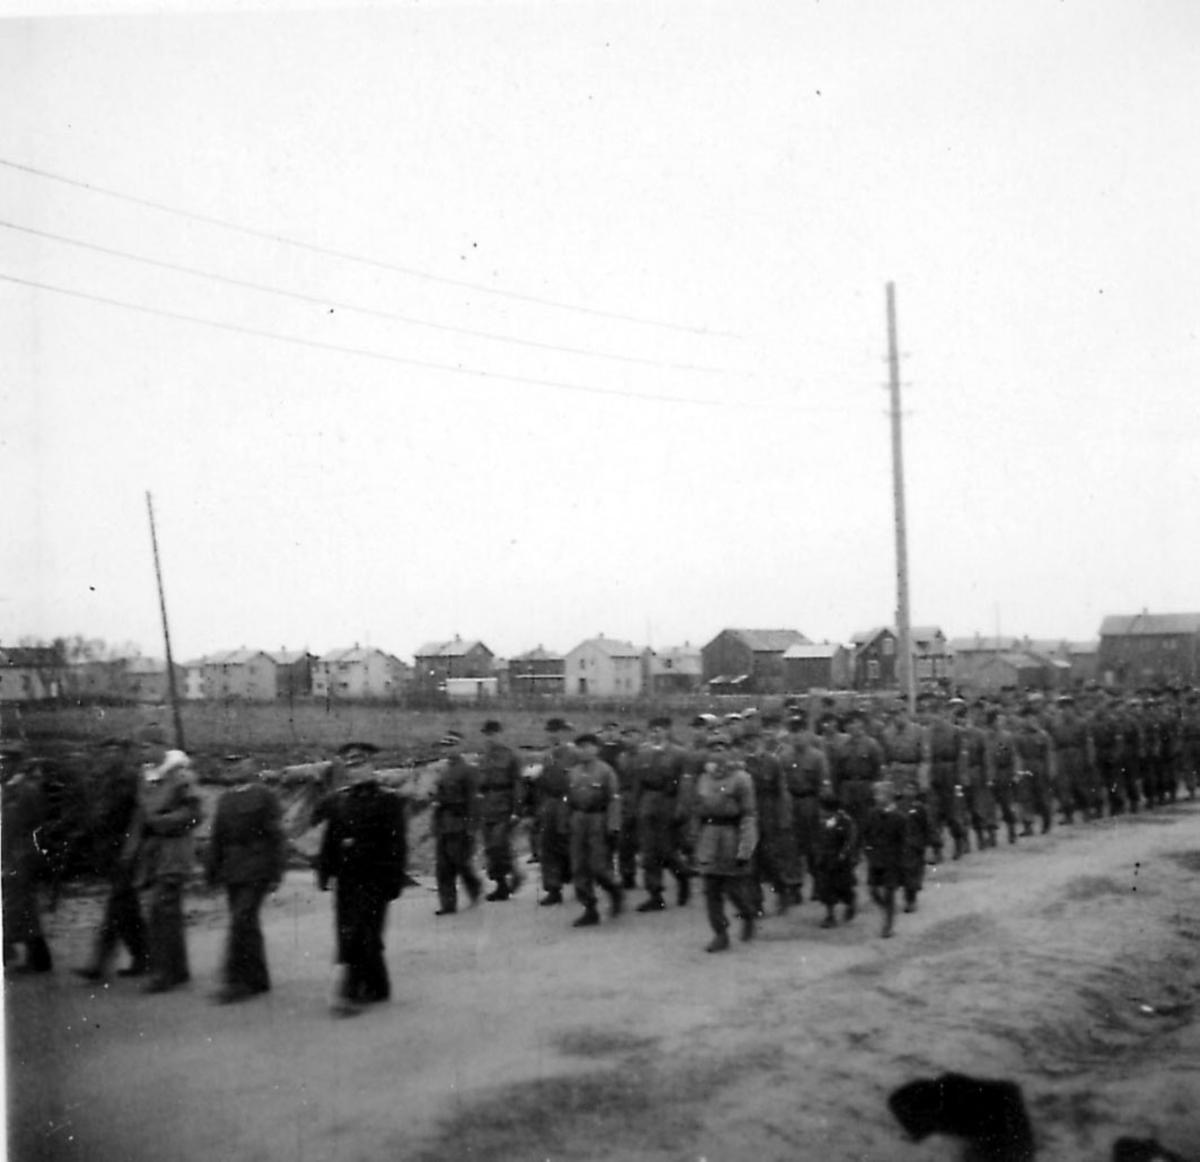 Frigjøringsdagene i Bodø etter krigen 1940 - 1945. Mange personer går i tog, de fleste er soldater. Fra Svenskbyen.